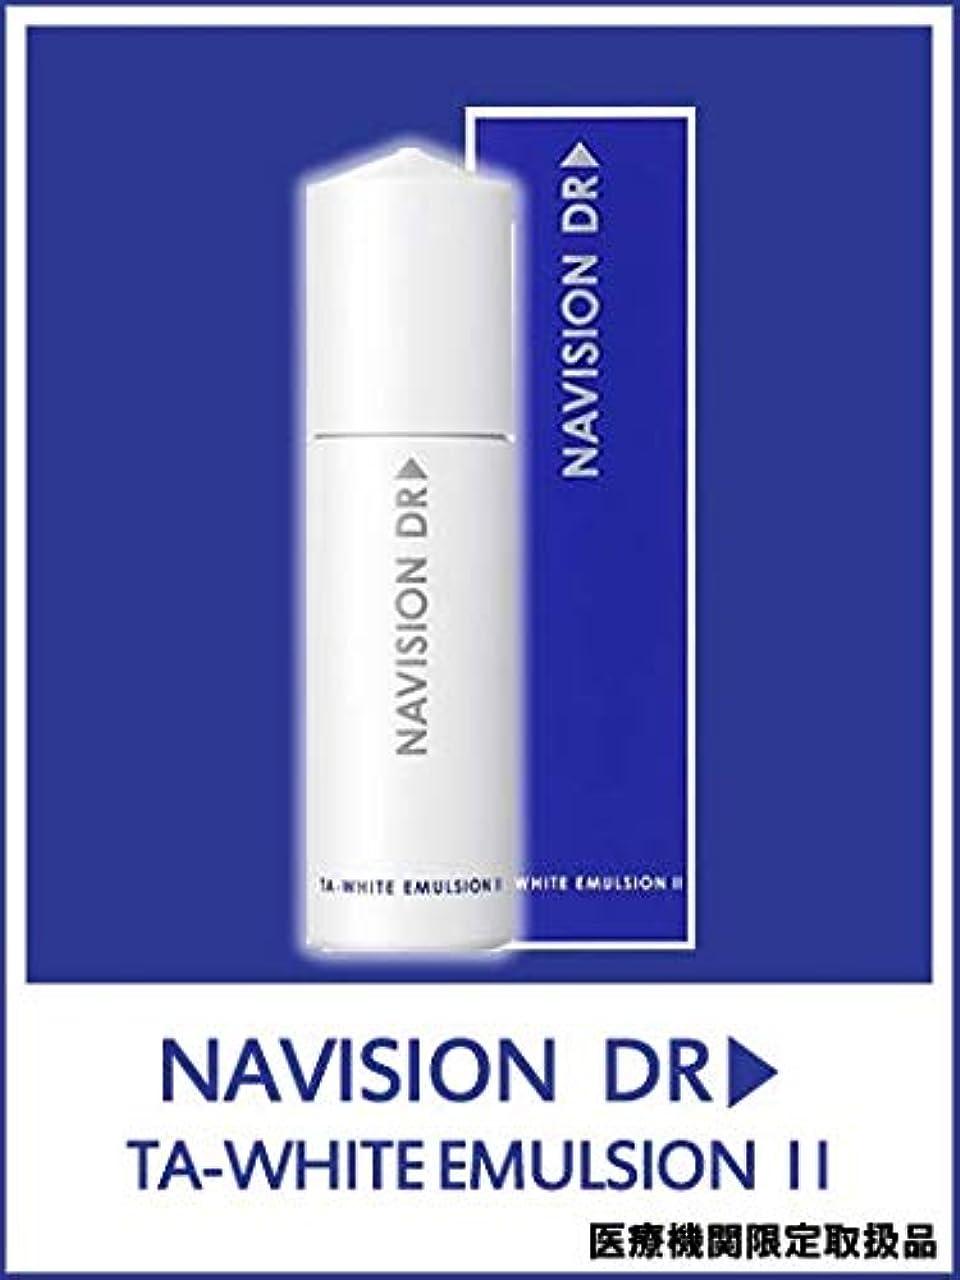 焼くピラミッド研究NAVISION DR? ナビジョンDR TAホワイトエマルジョンⅡnしっとりうるおうタイプ(医薬部外品) 120mL